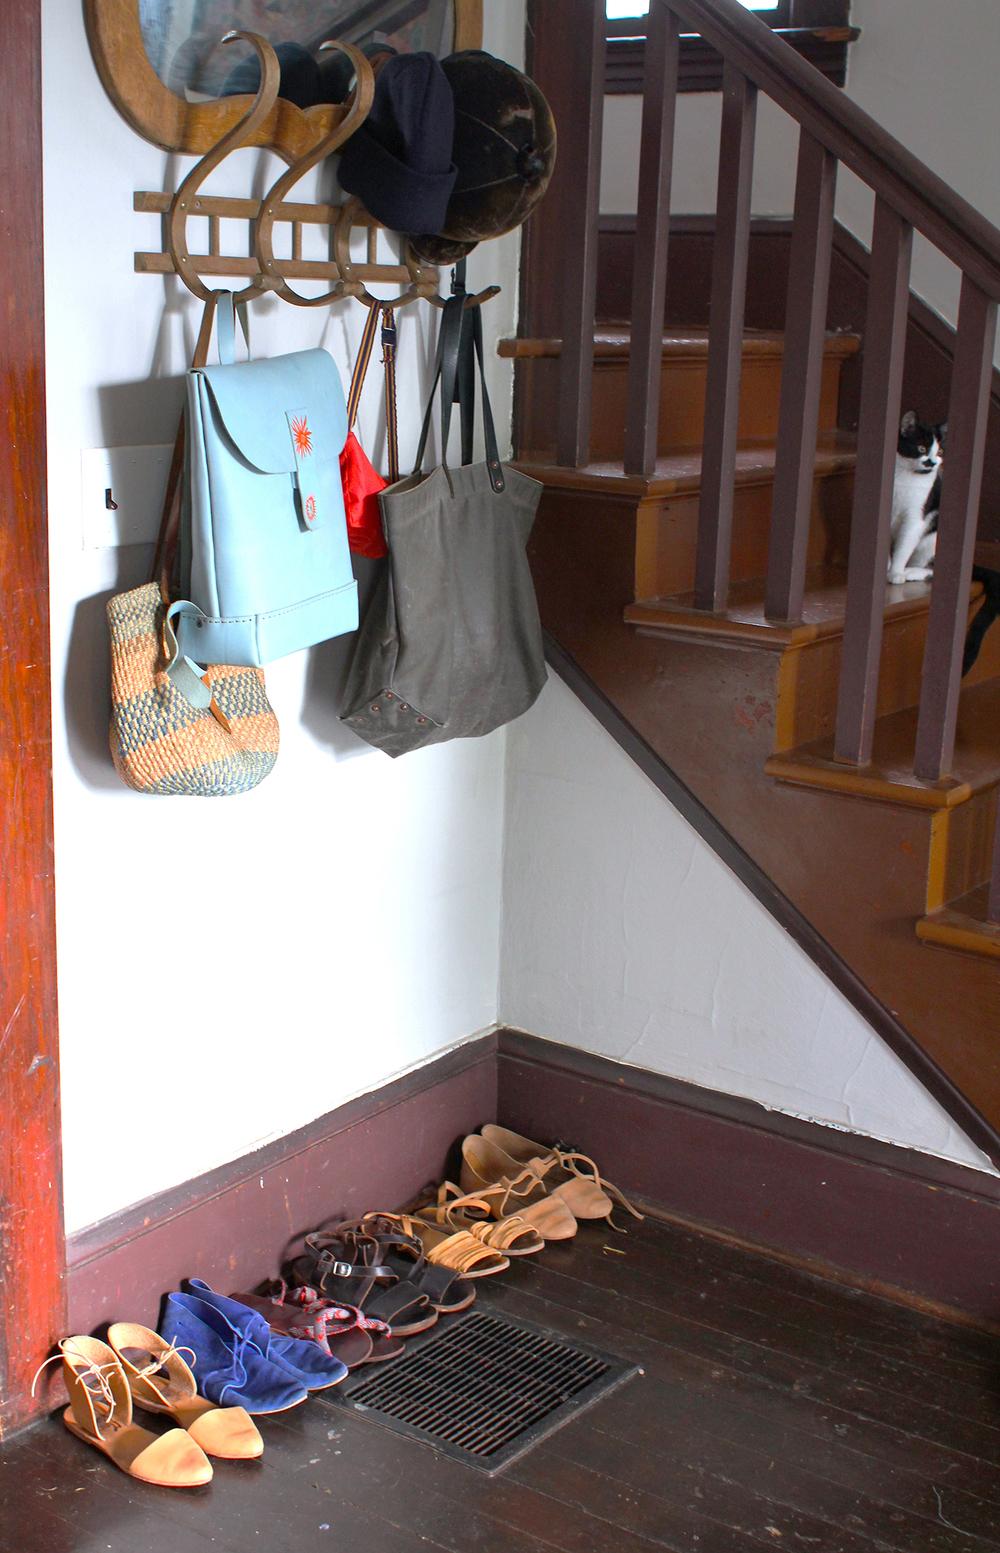 Edition-Local-Rachel-Corry-Snail-Shoes-24.jpg